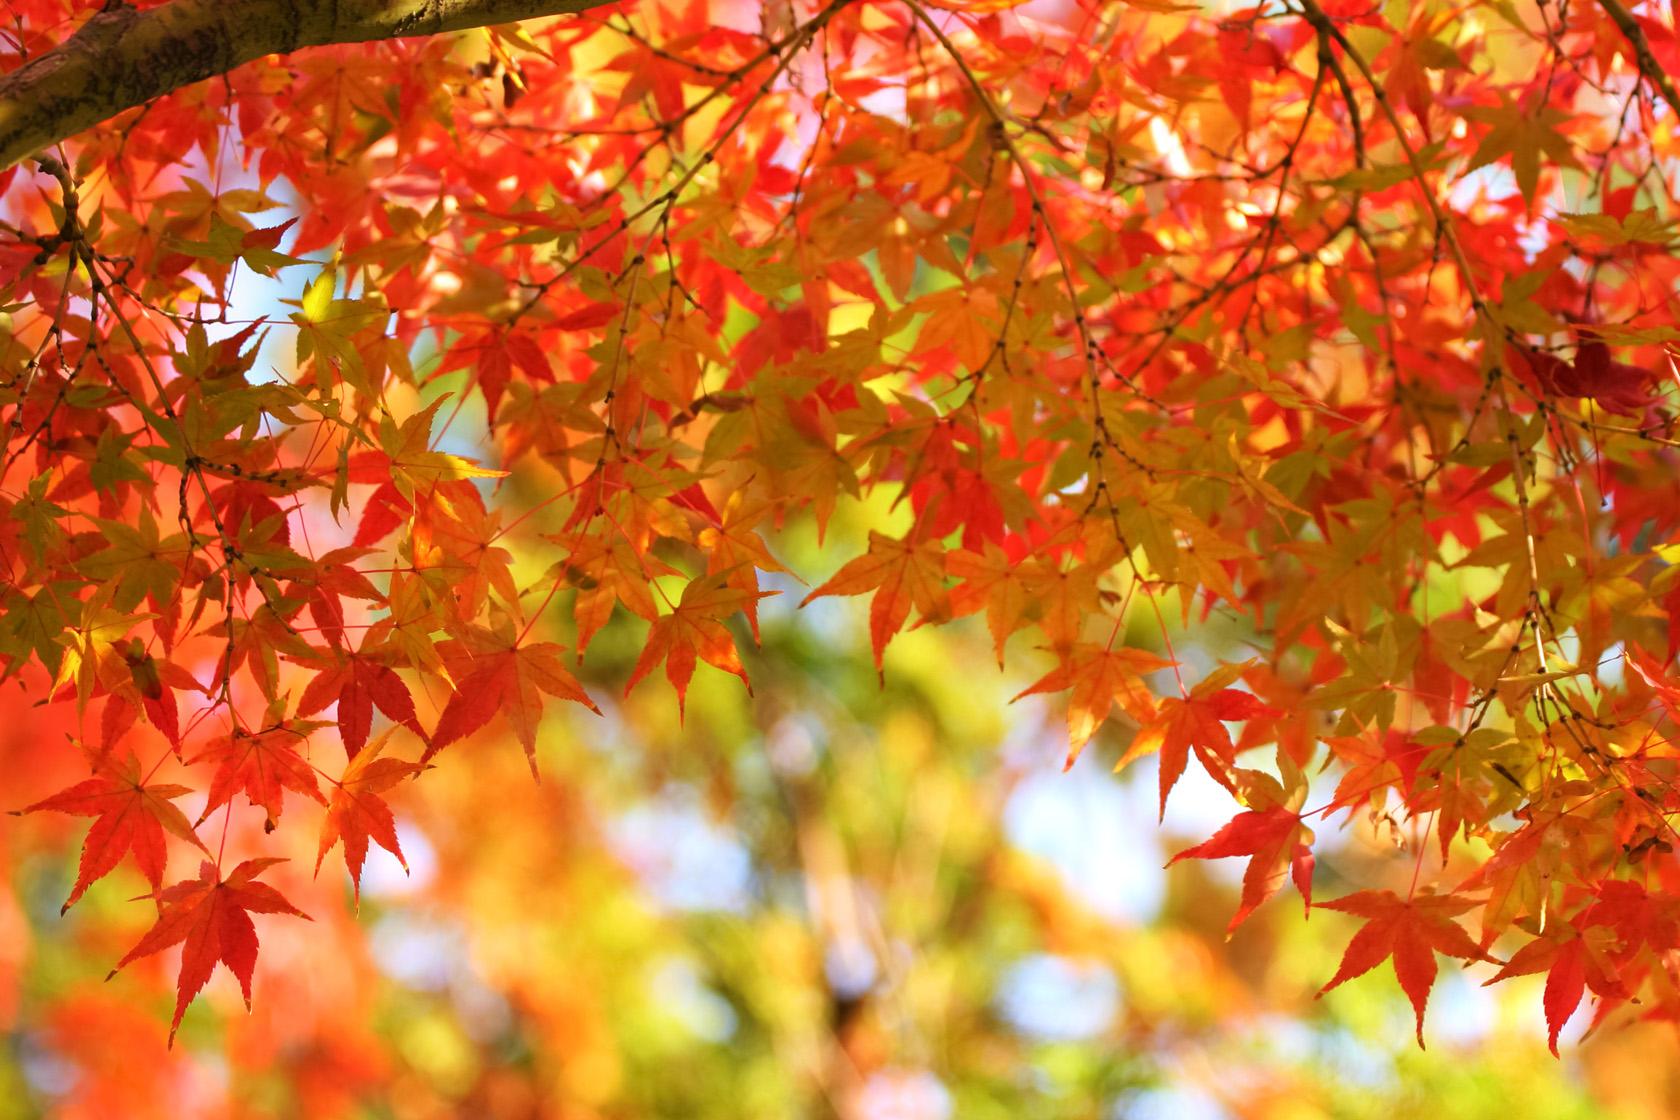 茨城県常陸太田市 西山荘の紅葉の見頃とアクセスは?